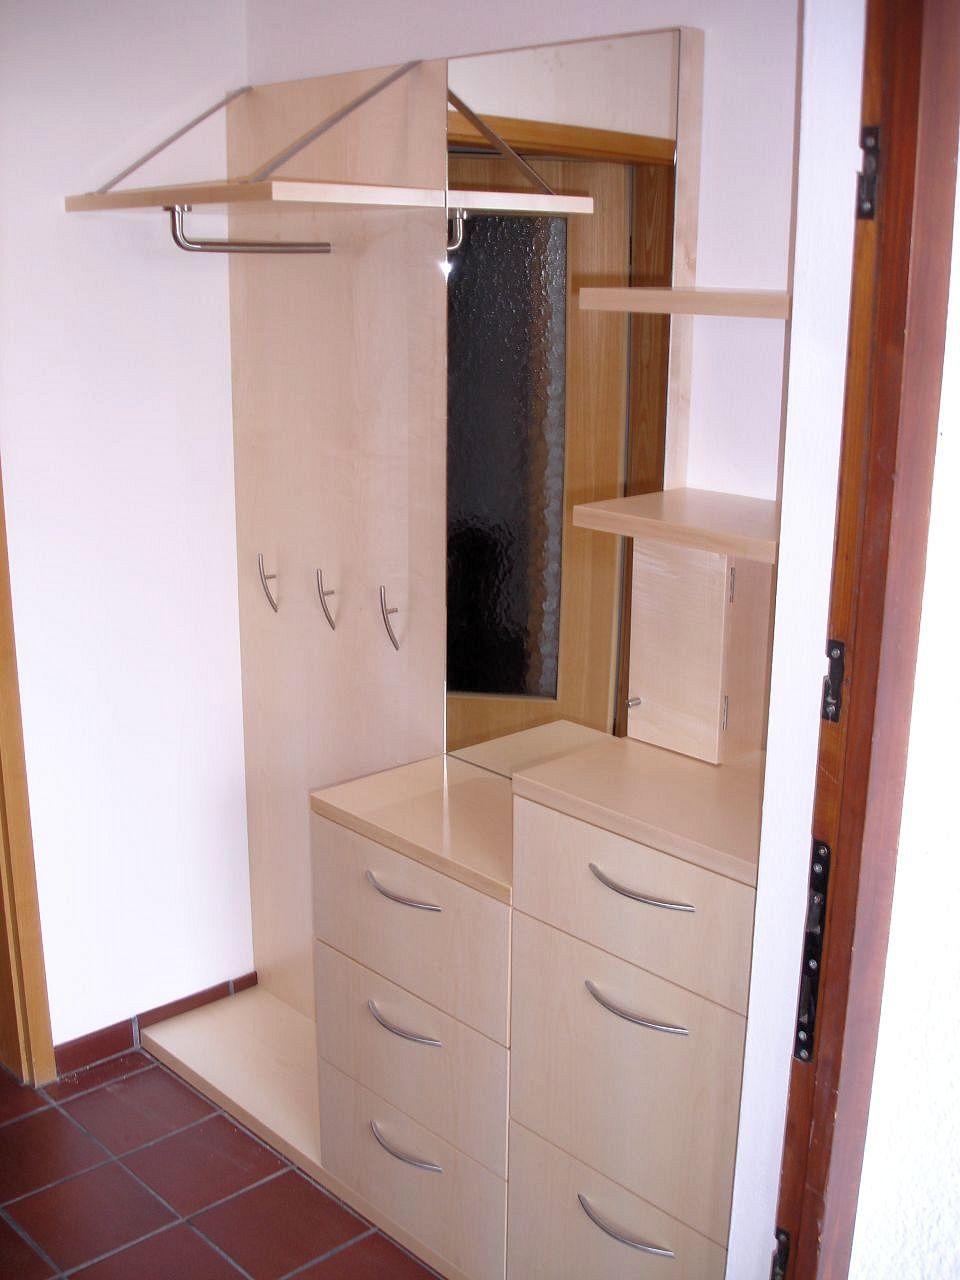 diele garderobe flur oder treppenhaus schreinerei aschauer. Black Bedroom Furniture Sets. Home Design Ideas